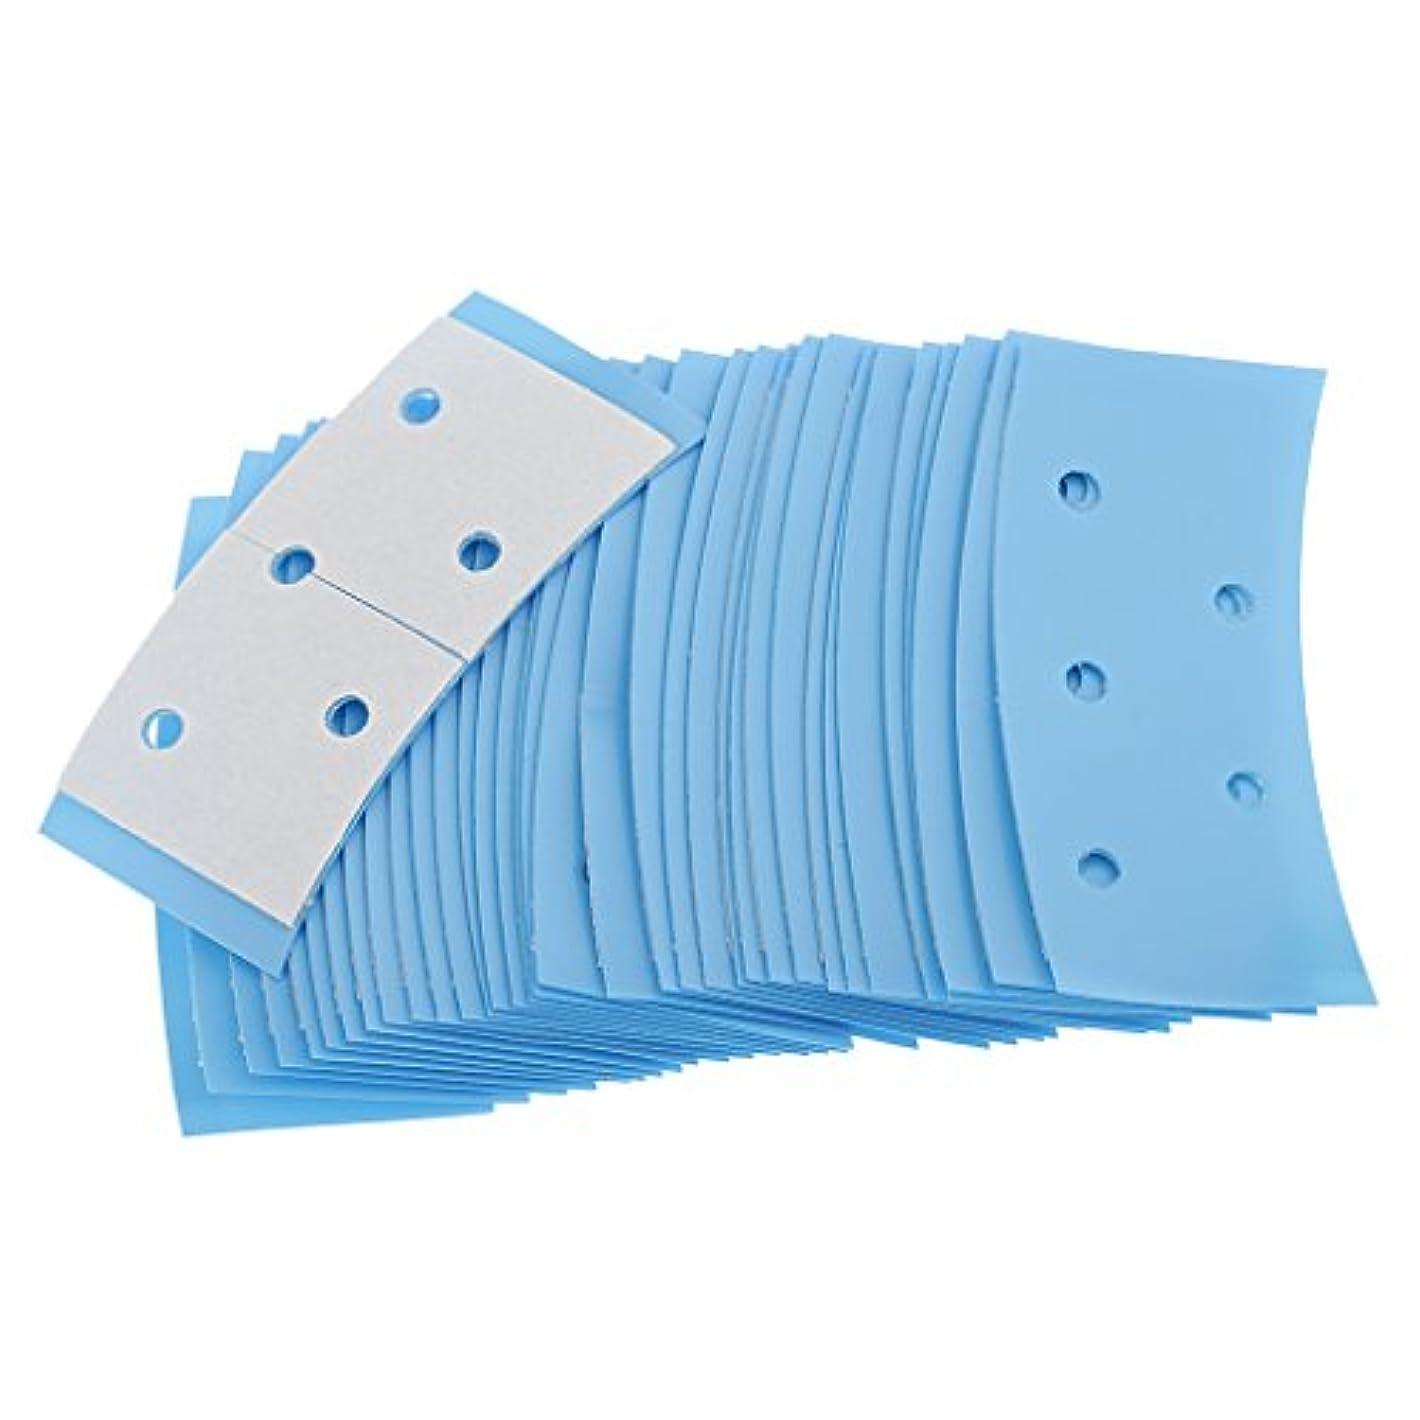 切り離す重大永遠に両面接着テープ ヘアシステムテープ ダブルサイド かつら用 超強力持ち 約36枚